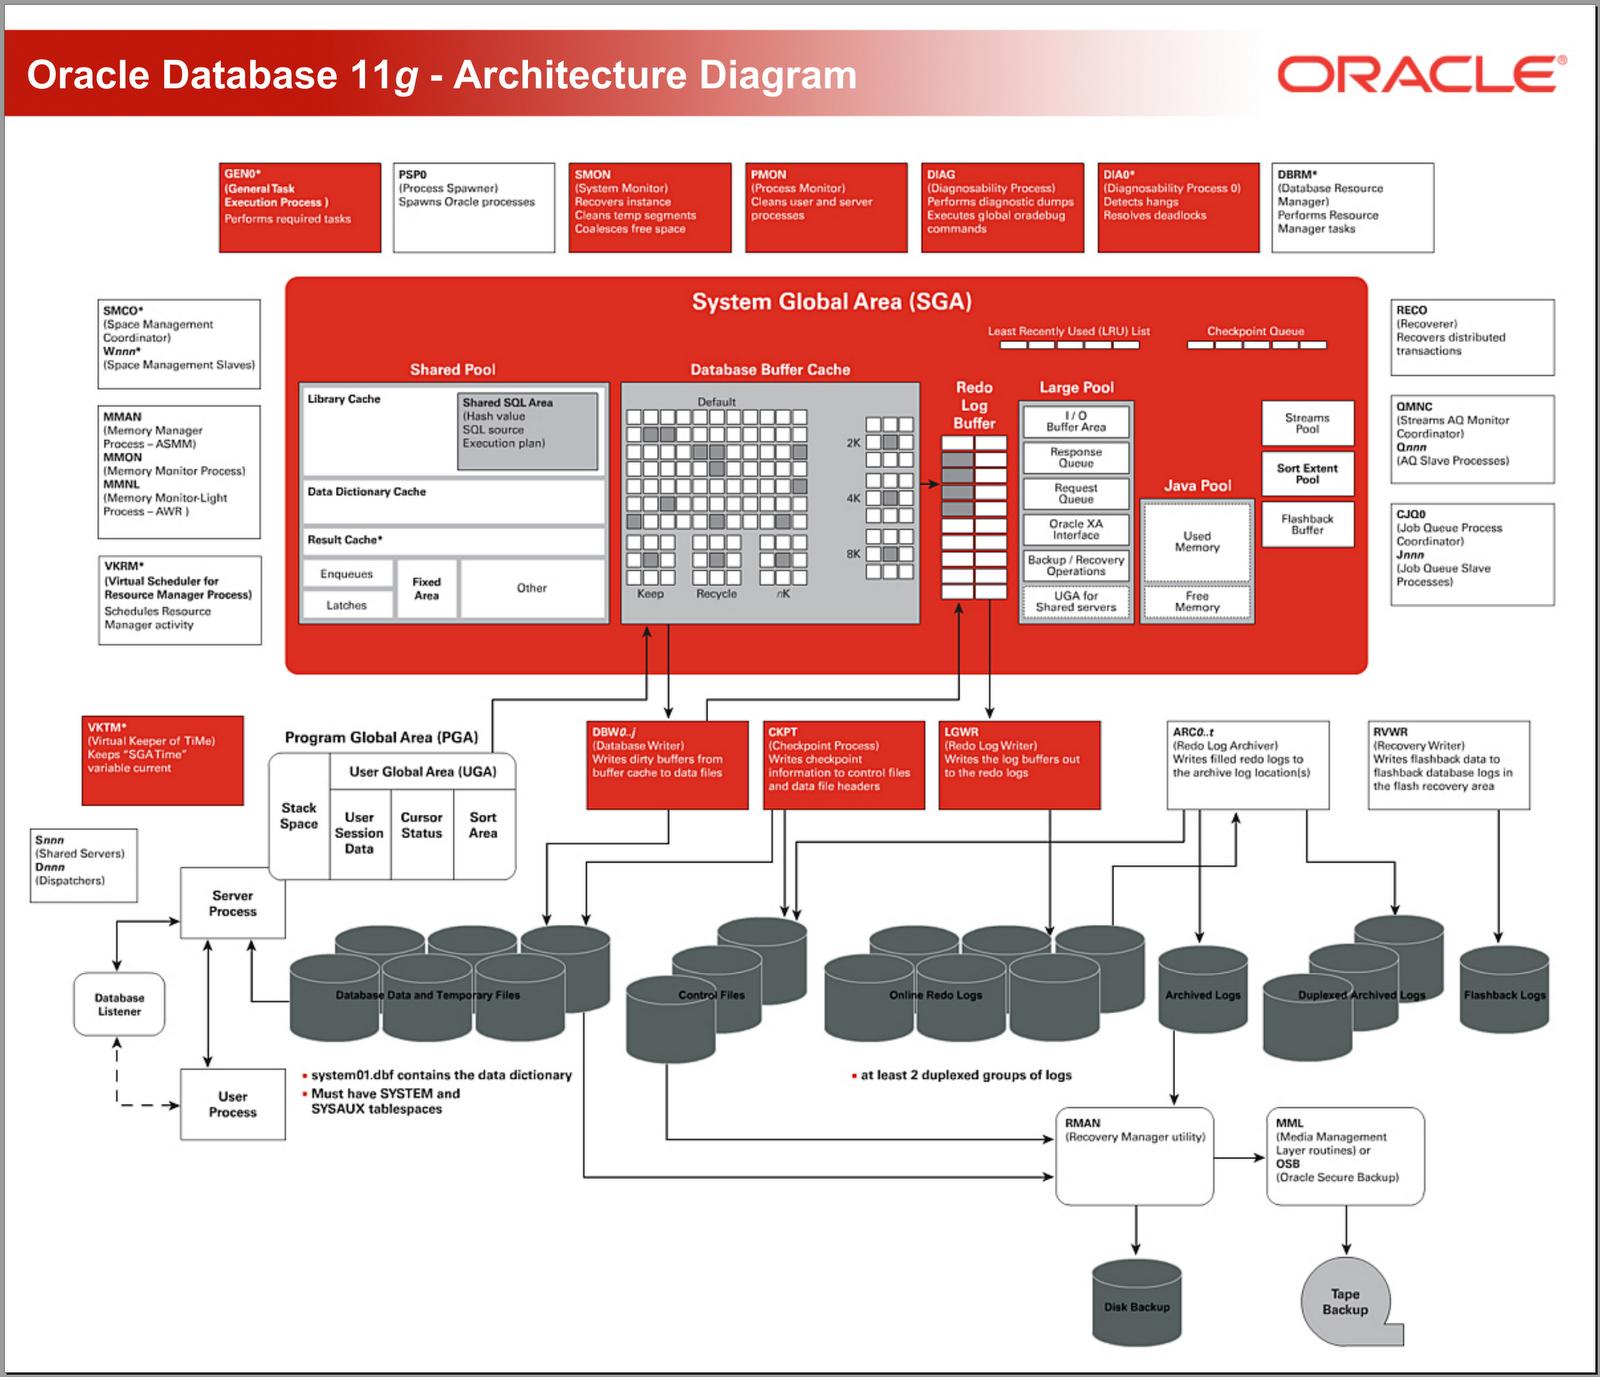 Oracle Database 11g Architecture Diagram With Explanation Ladybug Life Cycle Naveen Mukkasa Hub